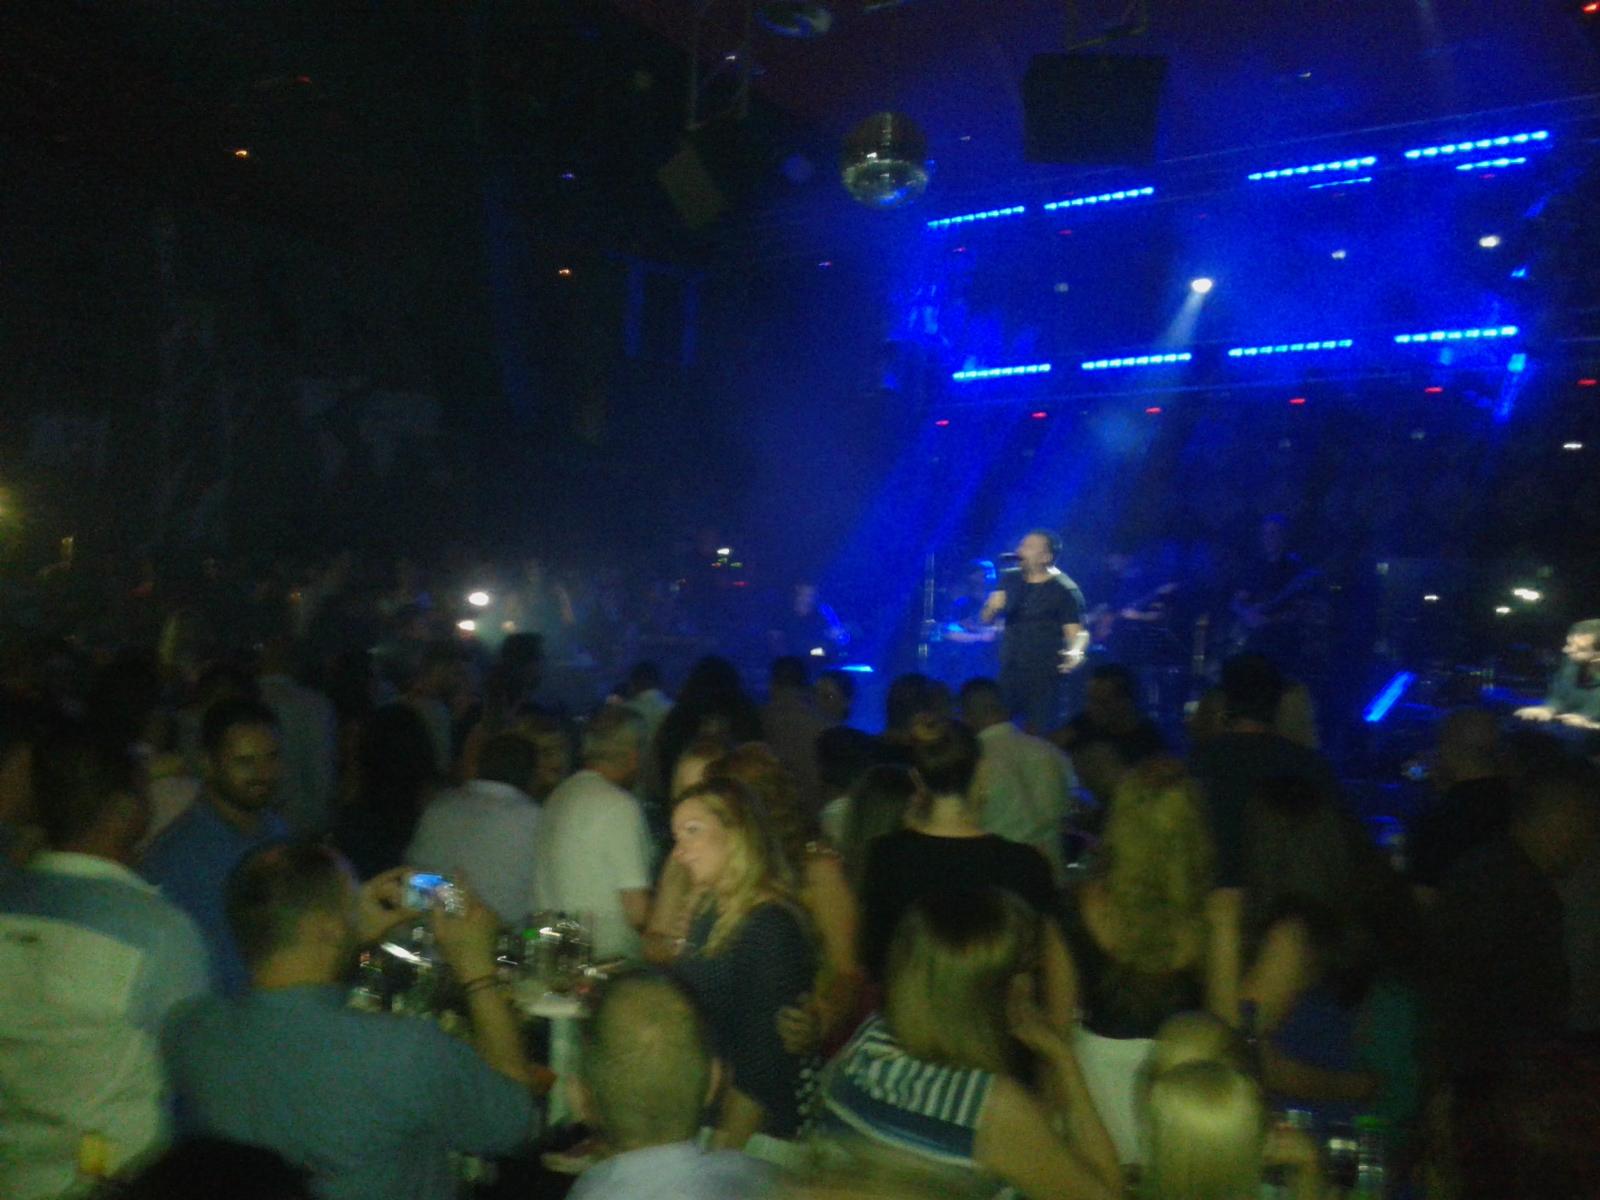 Αντώνης Ρέμος και Γιάννης Βαρδής ξεσήκωσαν το XS Night Club στην Πτολεμαΐδα